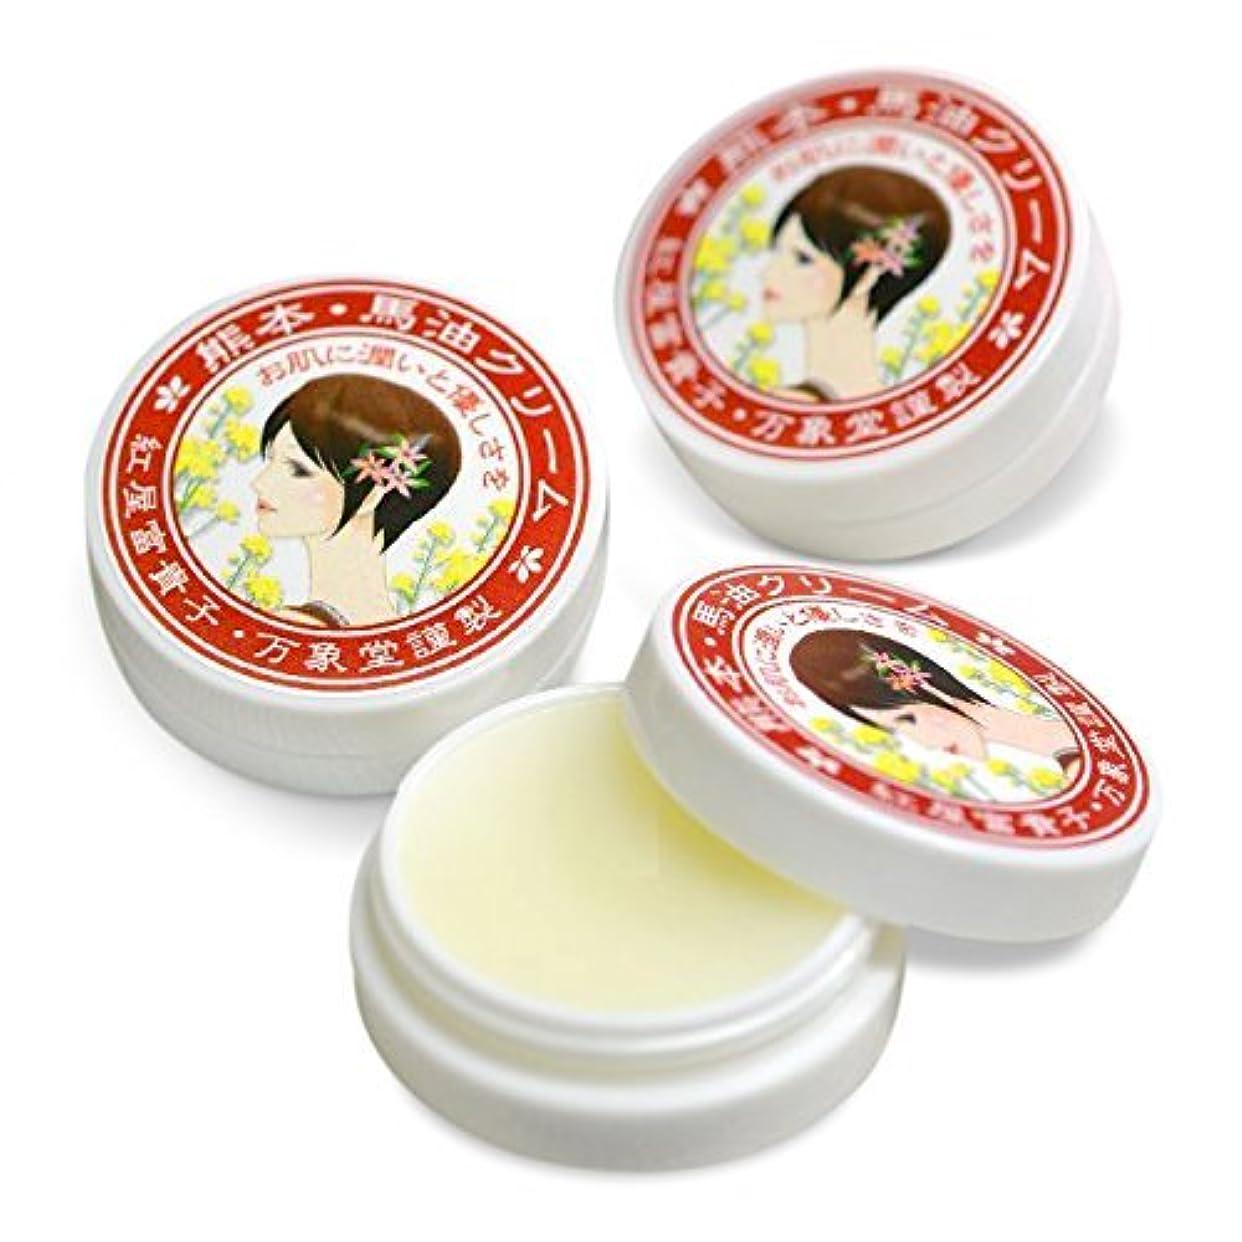 稼ぐ存在する九月森羅万象堂 馬油クリーム 10g×3個 (ラベンダーの香り)精油 アロマ 国産 保湿 スキンクリーム